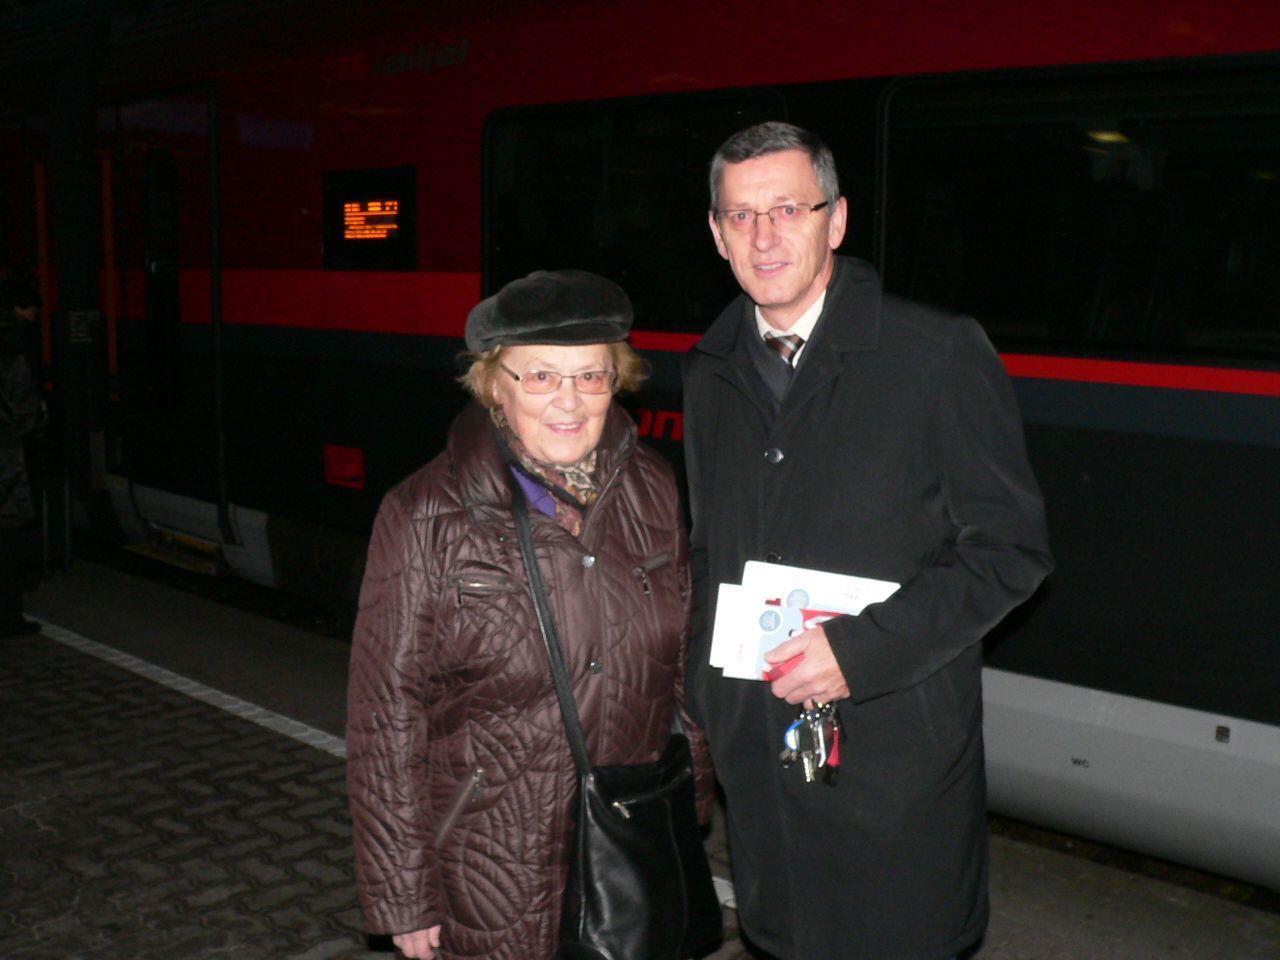 Vorarlbergs ÖBB Regionalmanager Gerhard Mayer überreichte der glücklichen Erika Schuhmacher aus Bregenz vor dem railjet den Preis